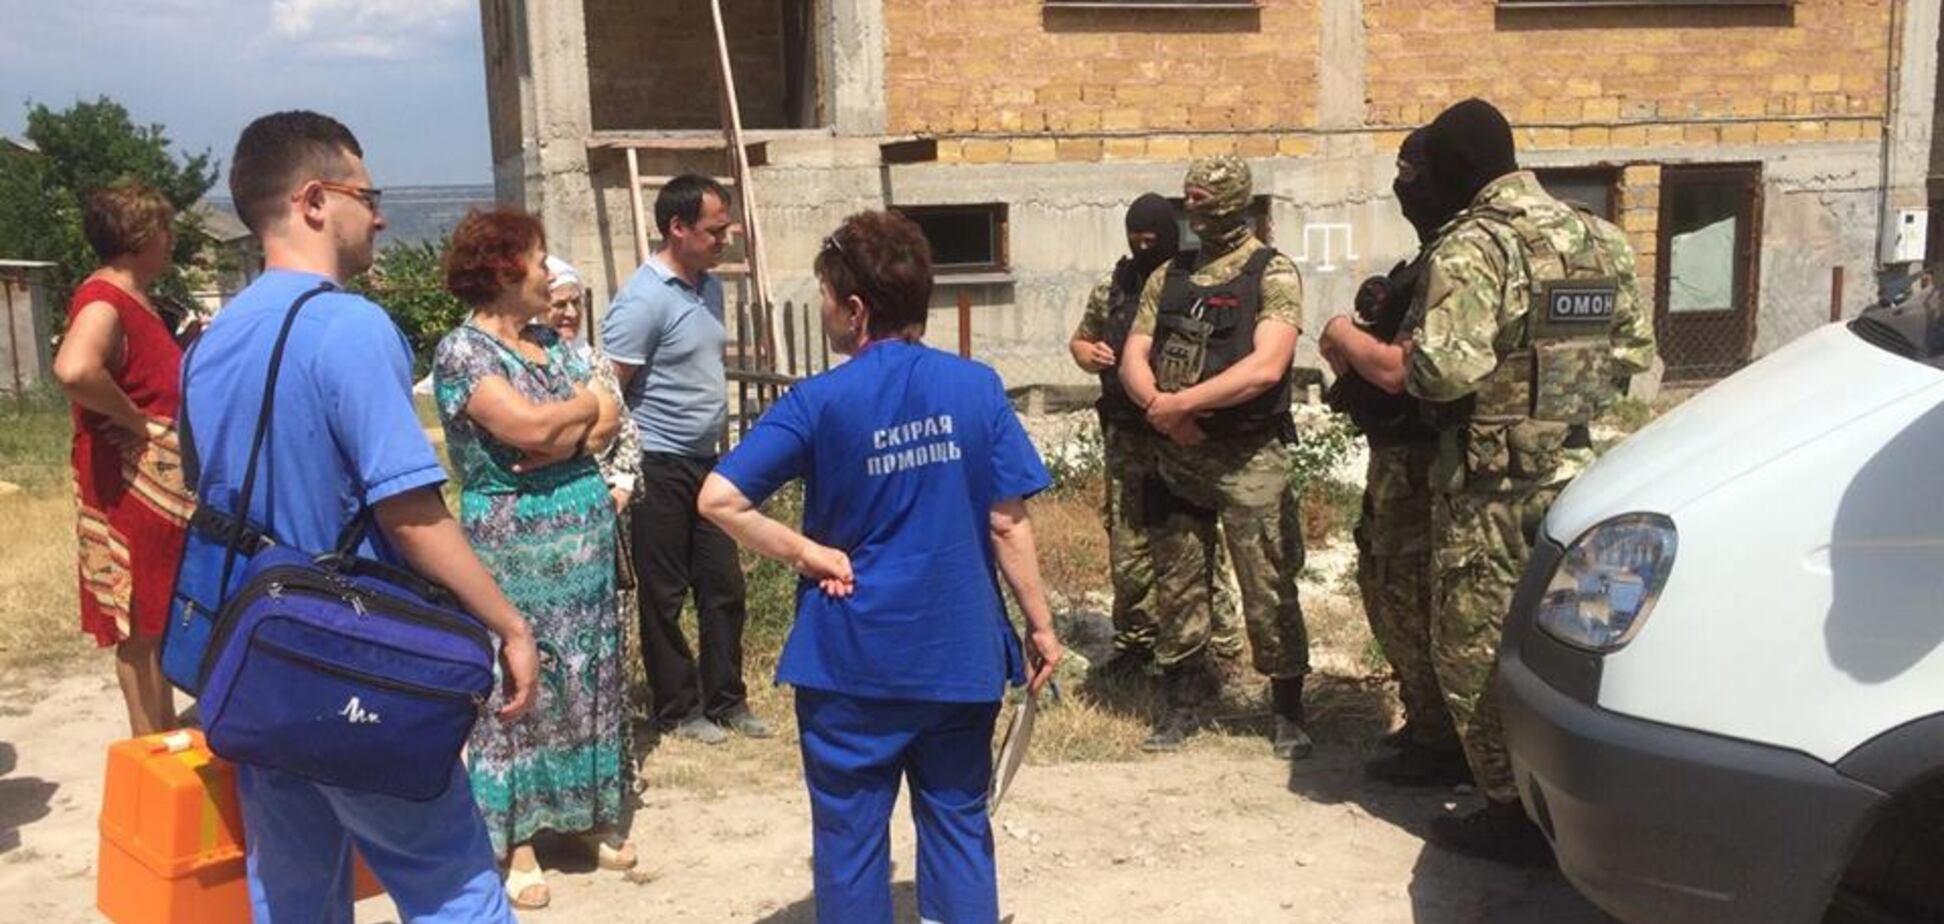 Вооруженные люди оцепили улицу: оккупанты устроили переполох в Крыму